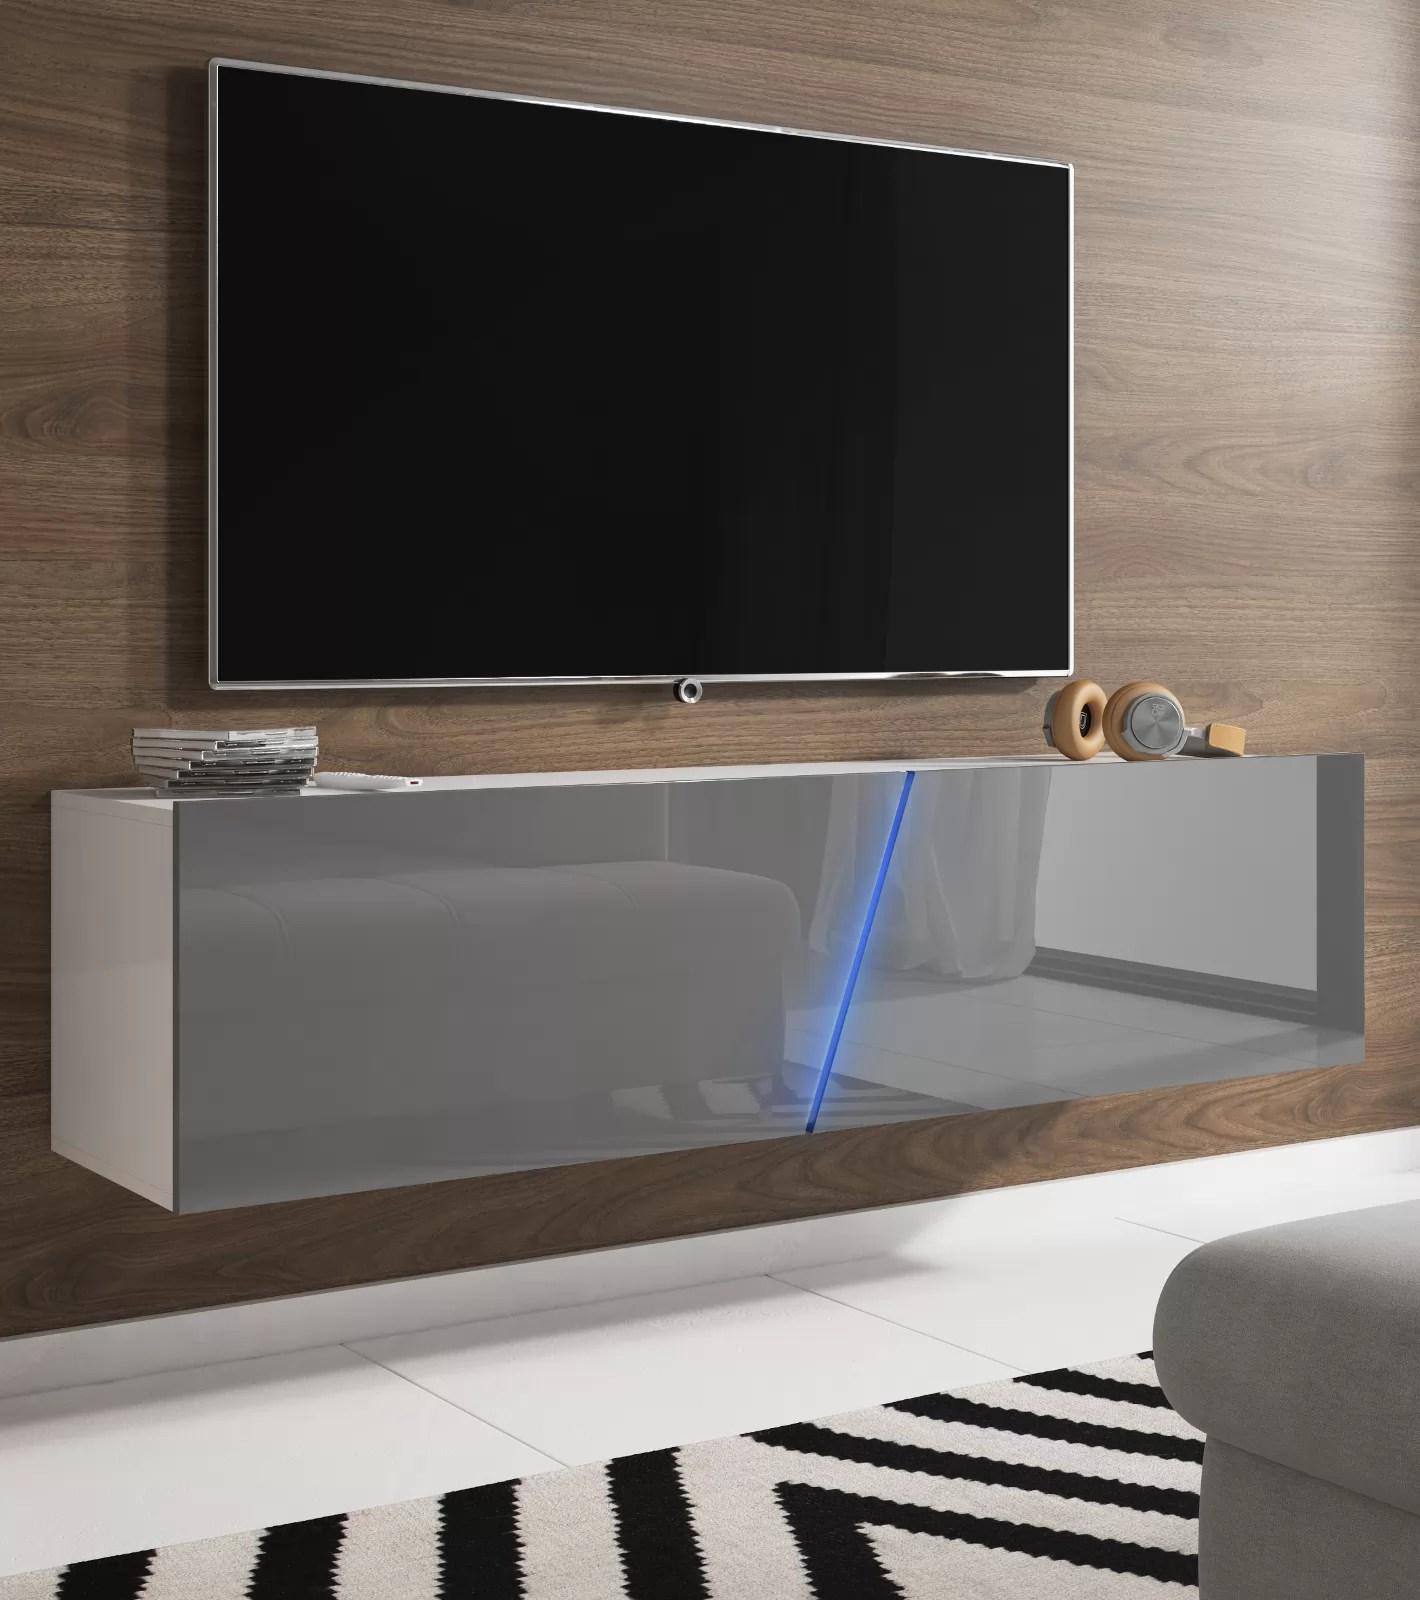 tv lowboard space in grau hochglanz lack tv unterteil hangend stehend 160 cm mit led